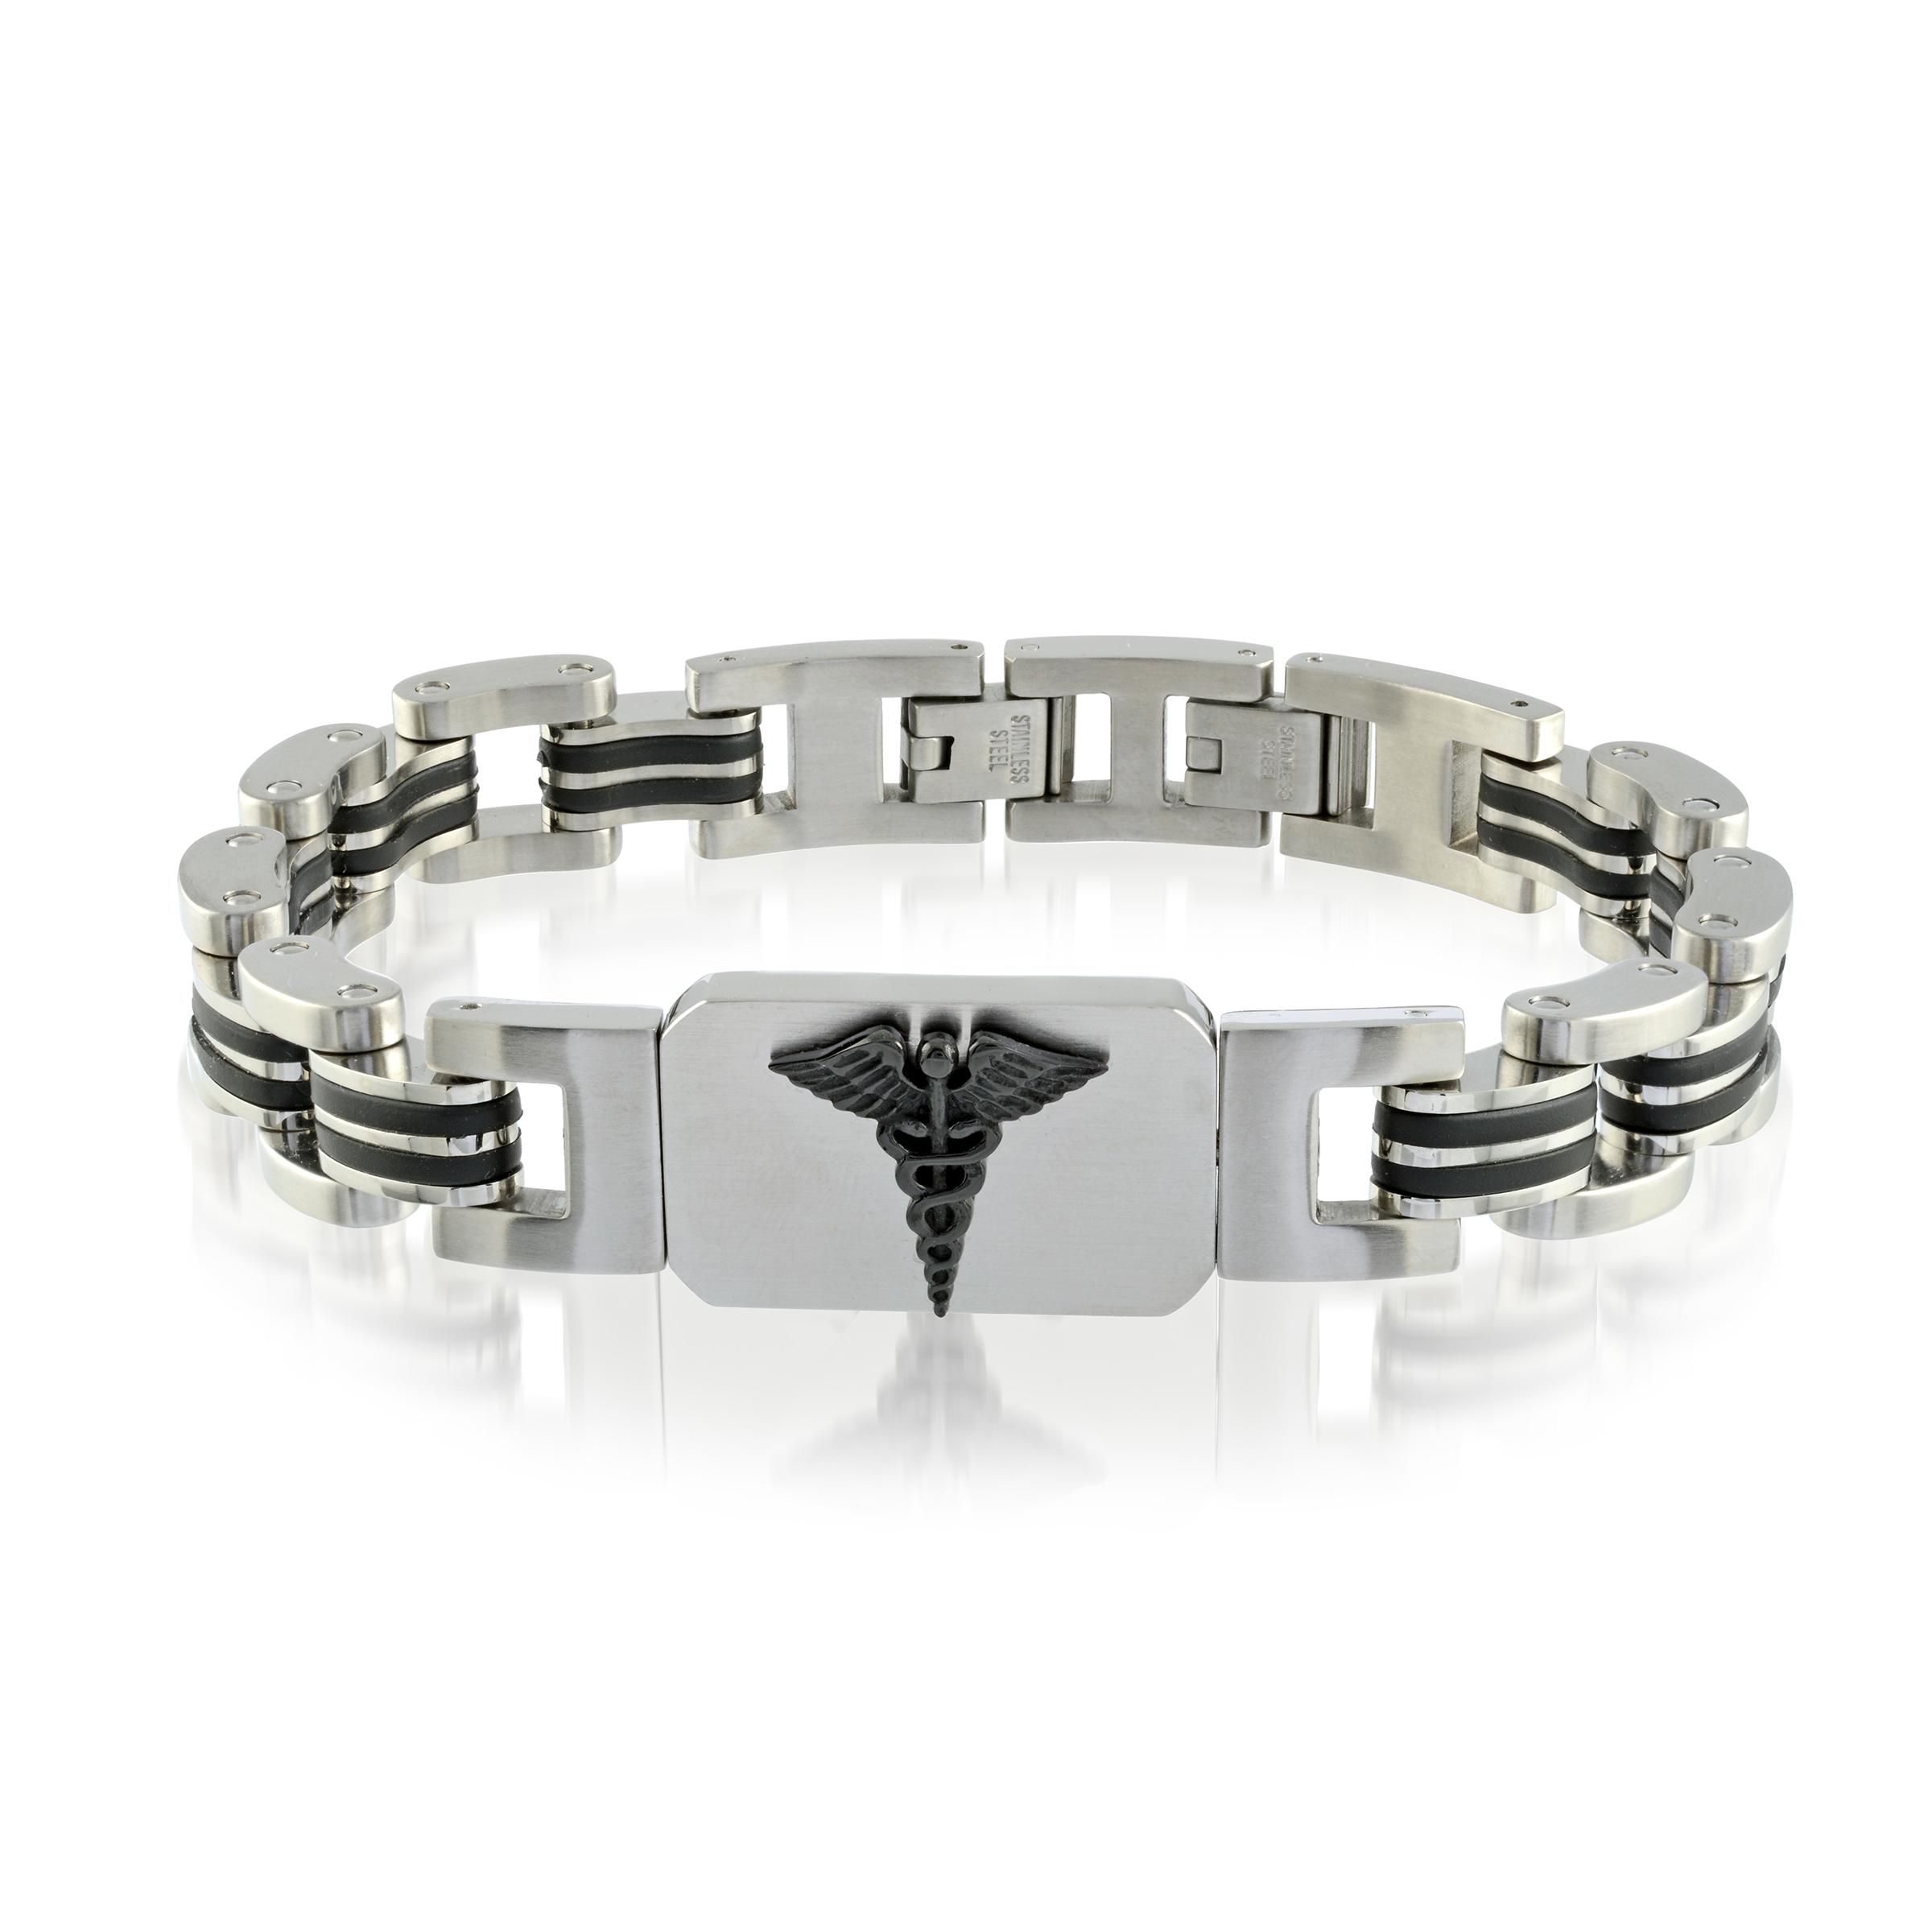 Medical bracelet - Stainless steel